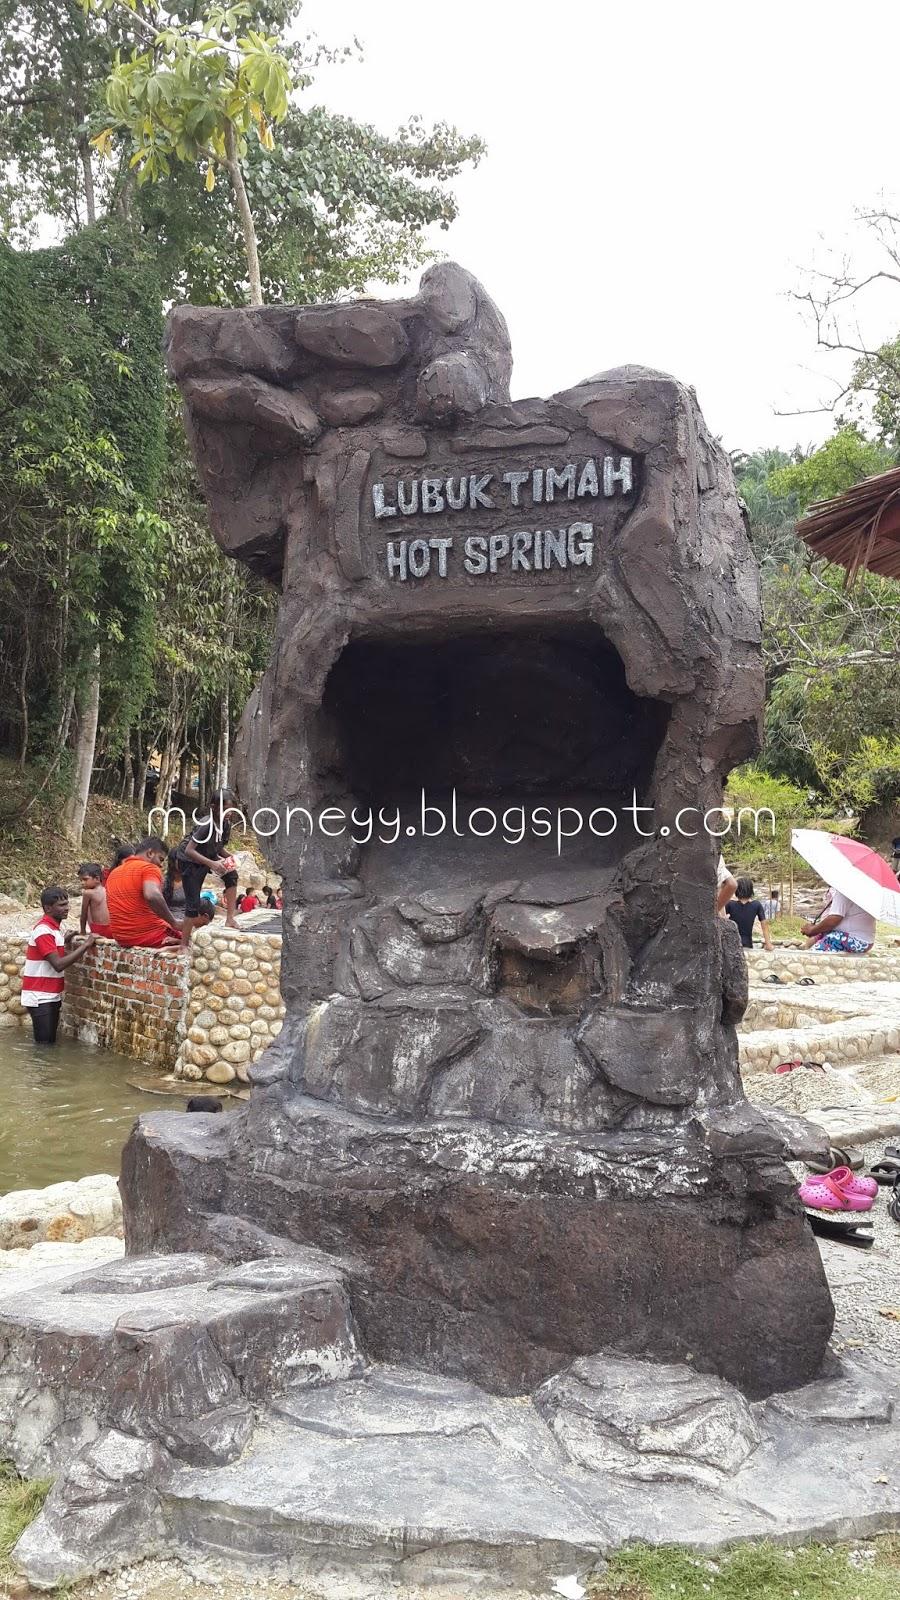 lubuk timah hot spring